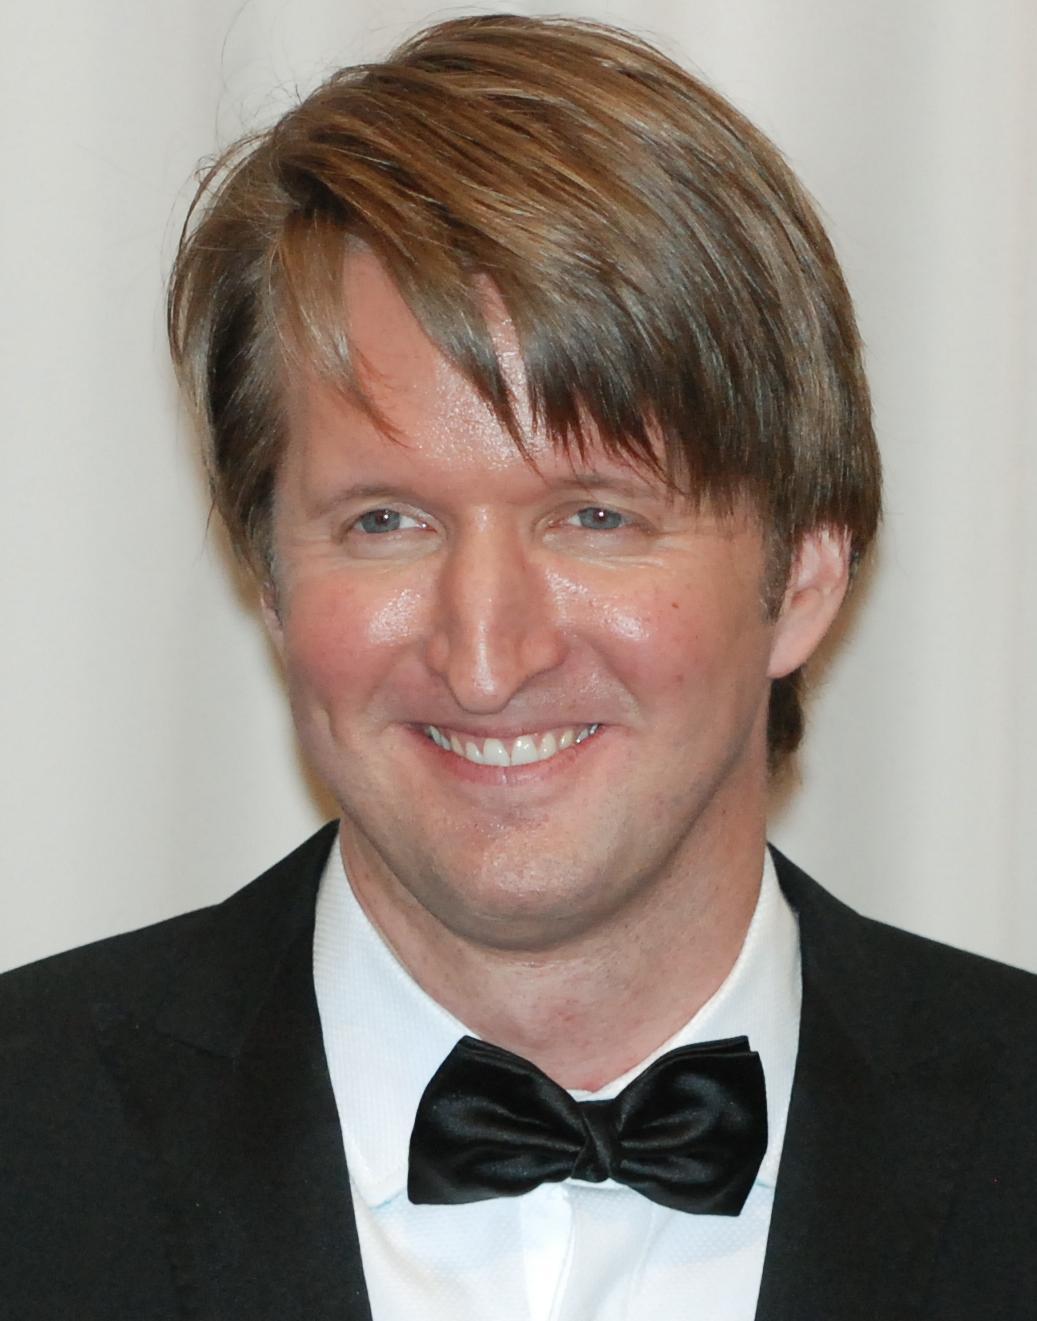 Tom_Hooper_2011_(cropped)